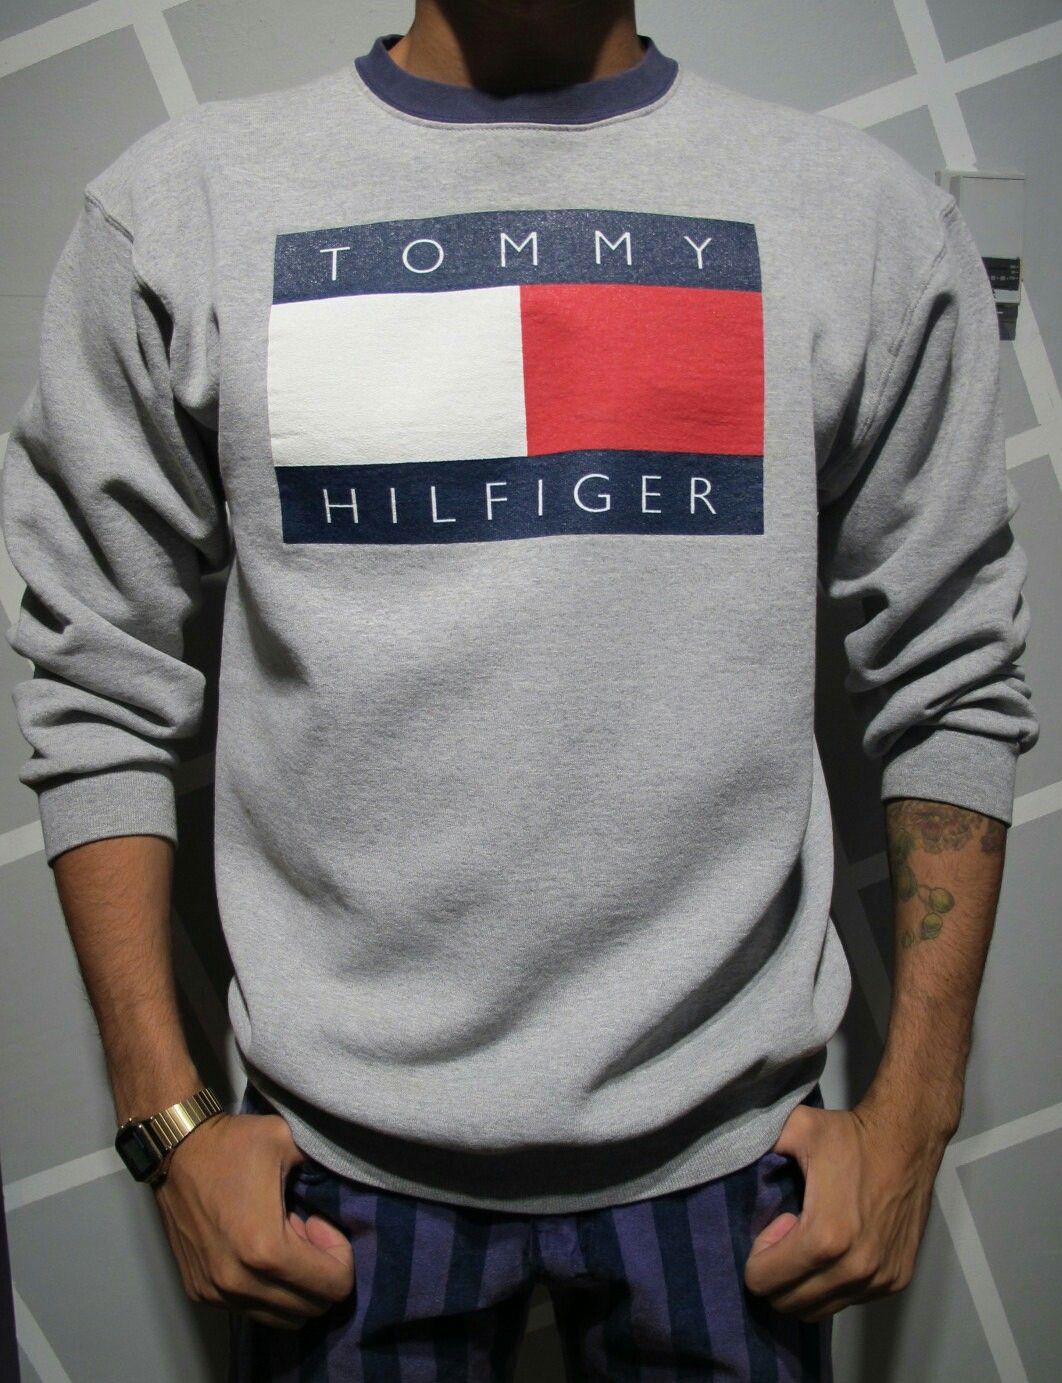 Tommy Hilfiger Tommy Hilfiger Tommy Hilfiger Crewneck Mens Sweatshirts Hoodie [ 1383 x 1062 Pixel ]